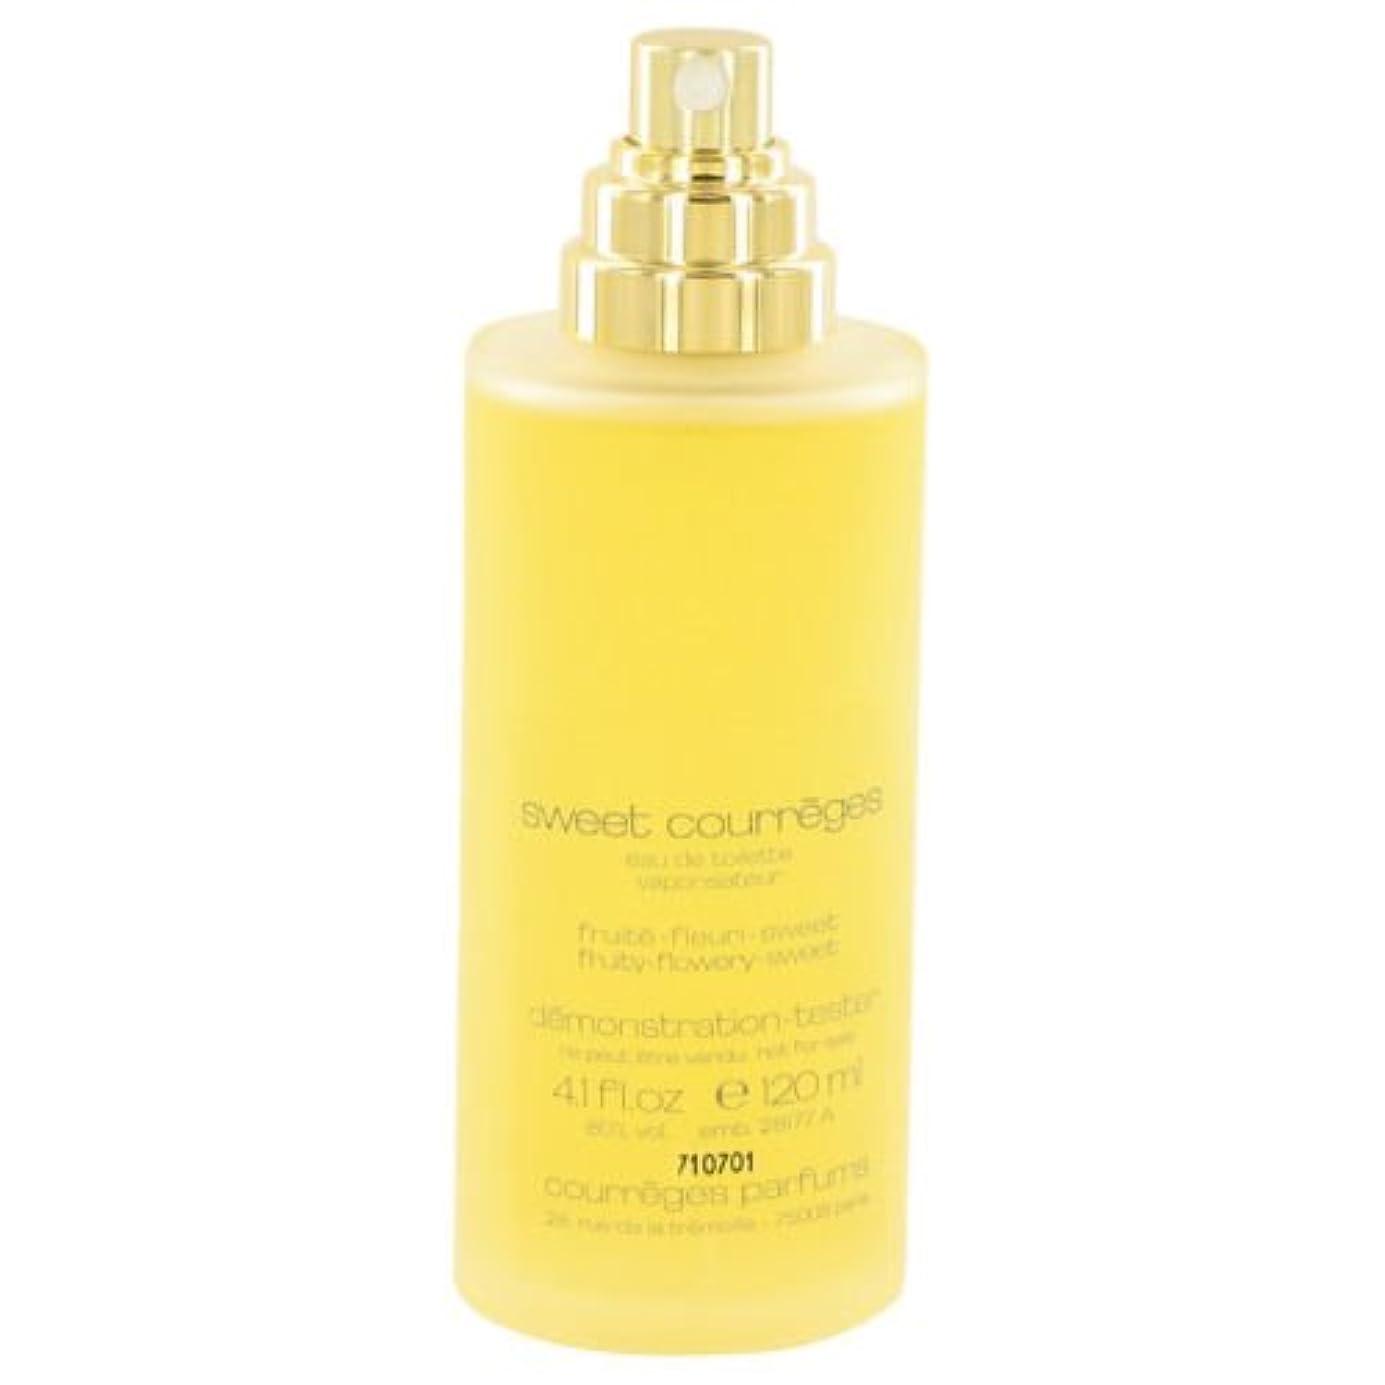 風検出色Sweet Courreges (スイート クレージュ)  4.0 oz (120ml) EDT Spray (テスター/箱なし?キャップなし) by Courreges for Women